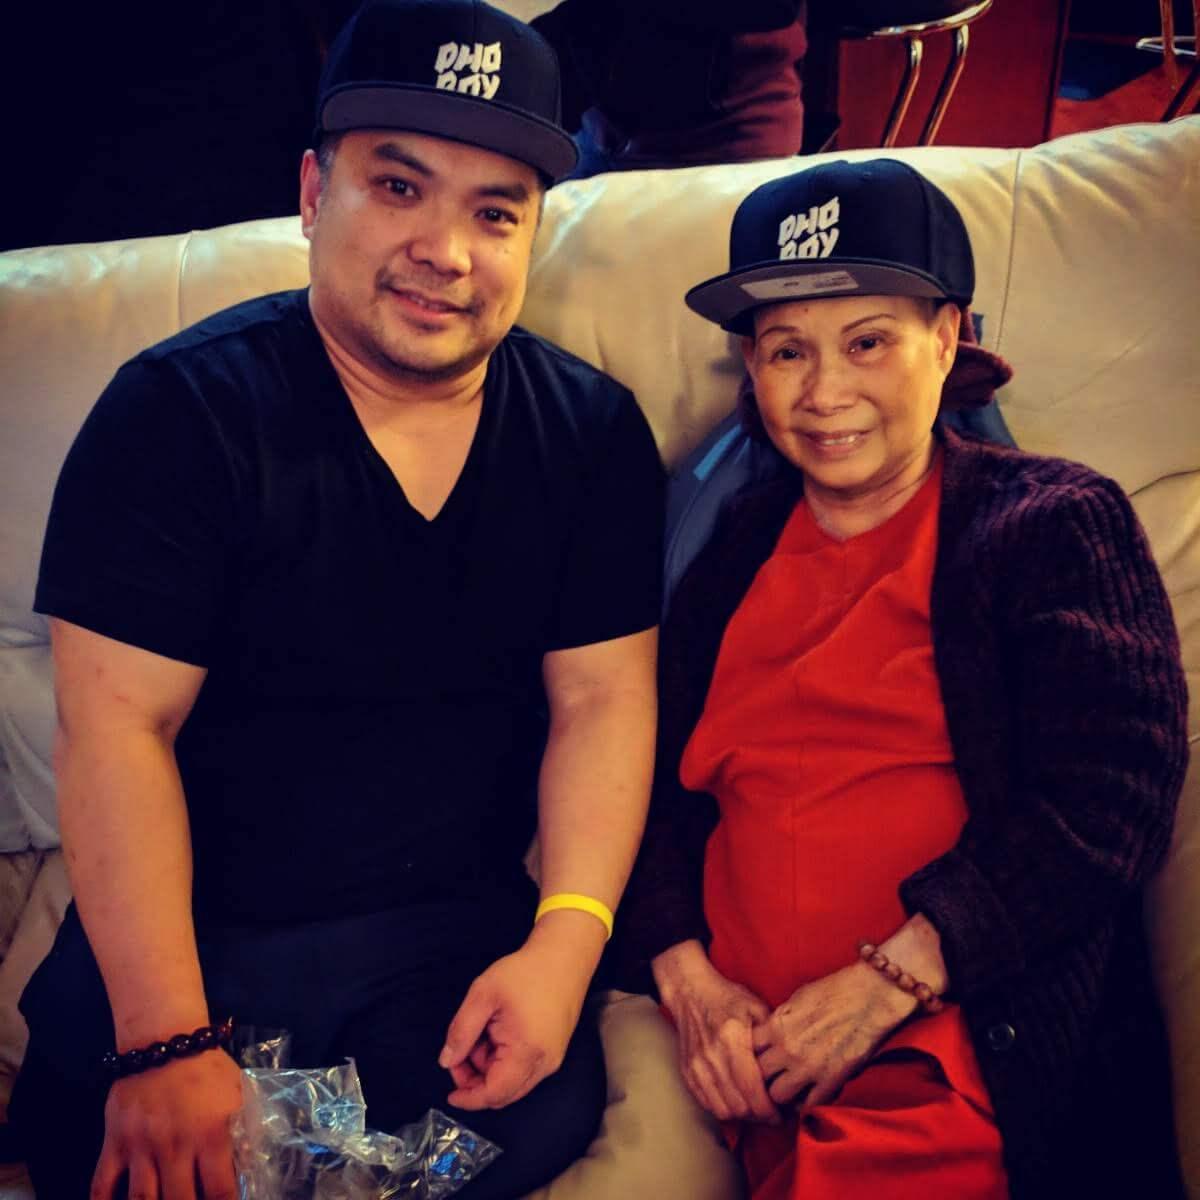 Anton Hoang and Daisy Hoang - Pho Boy Vietnamese Kitchen - Edmonton Vietnamese Entrepreneur